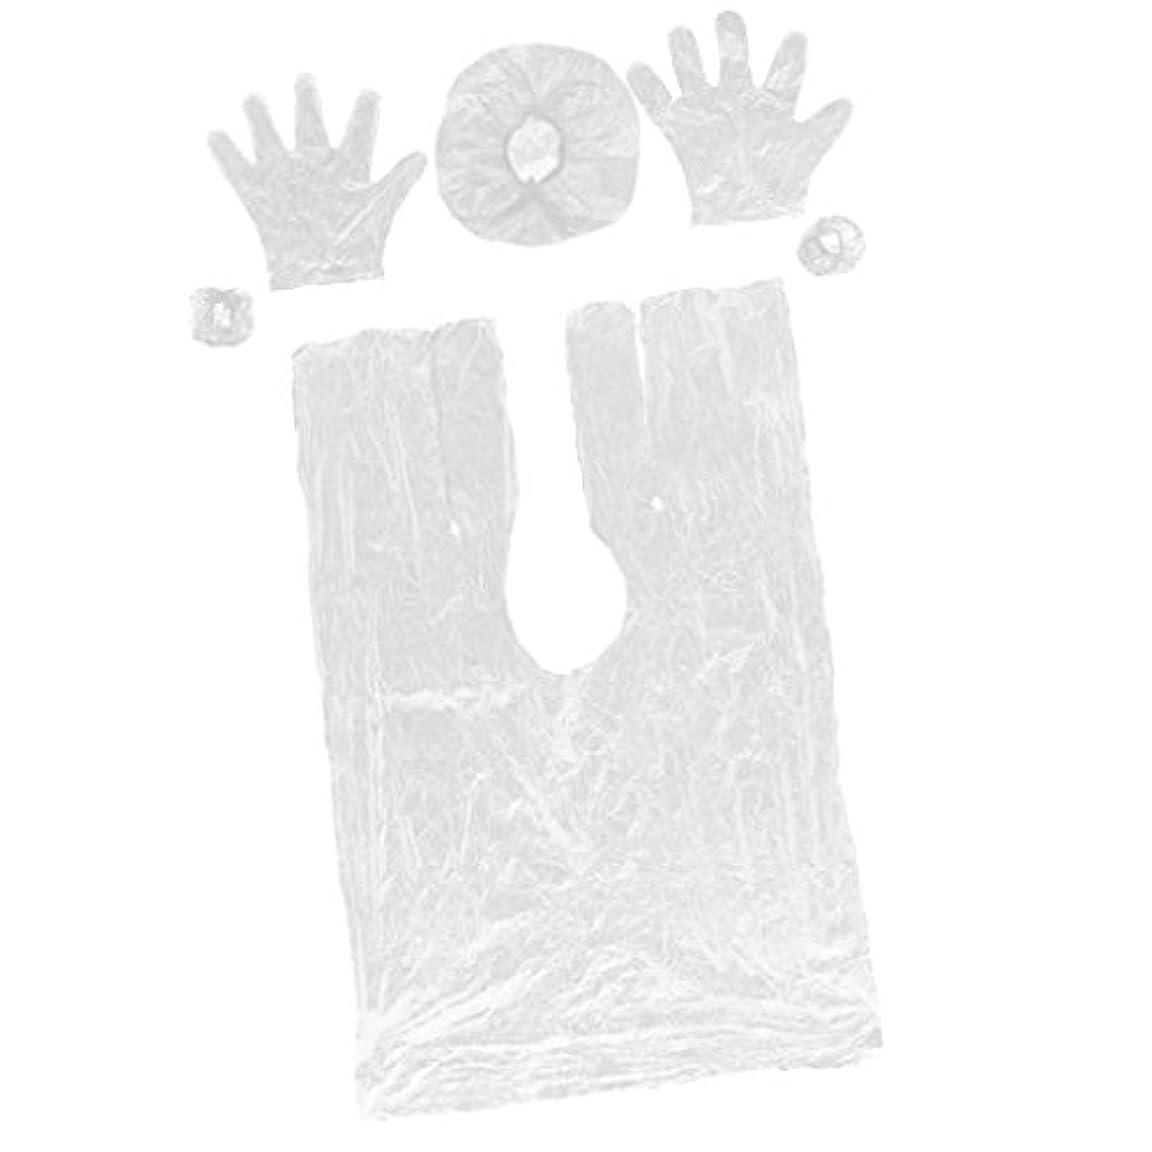 養う下るエキサイティングKesoto 使い捨て ヘアケアサロン帽子 弾性キャップ サロンケープ  手袋 耳栓 プラスチック製 10セット入り